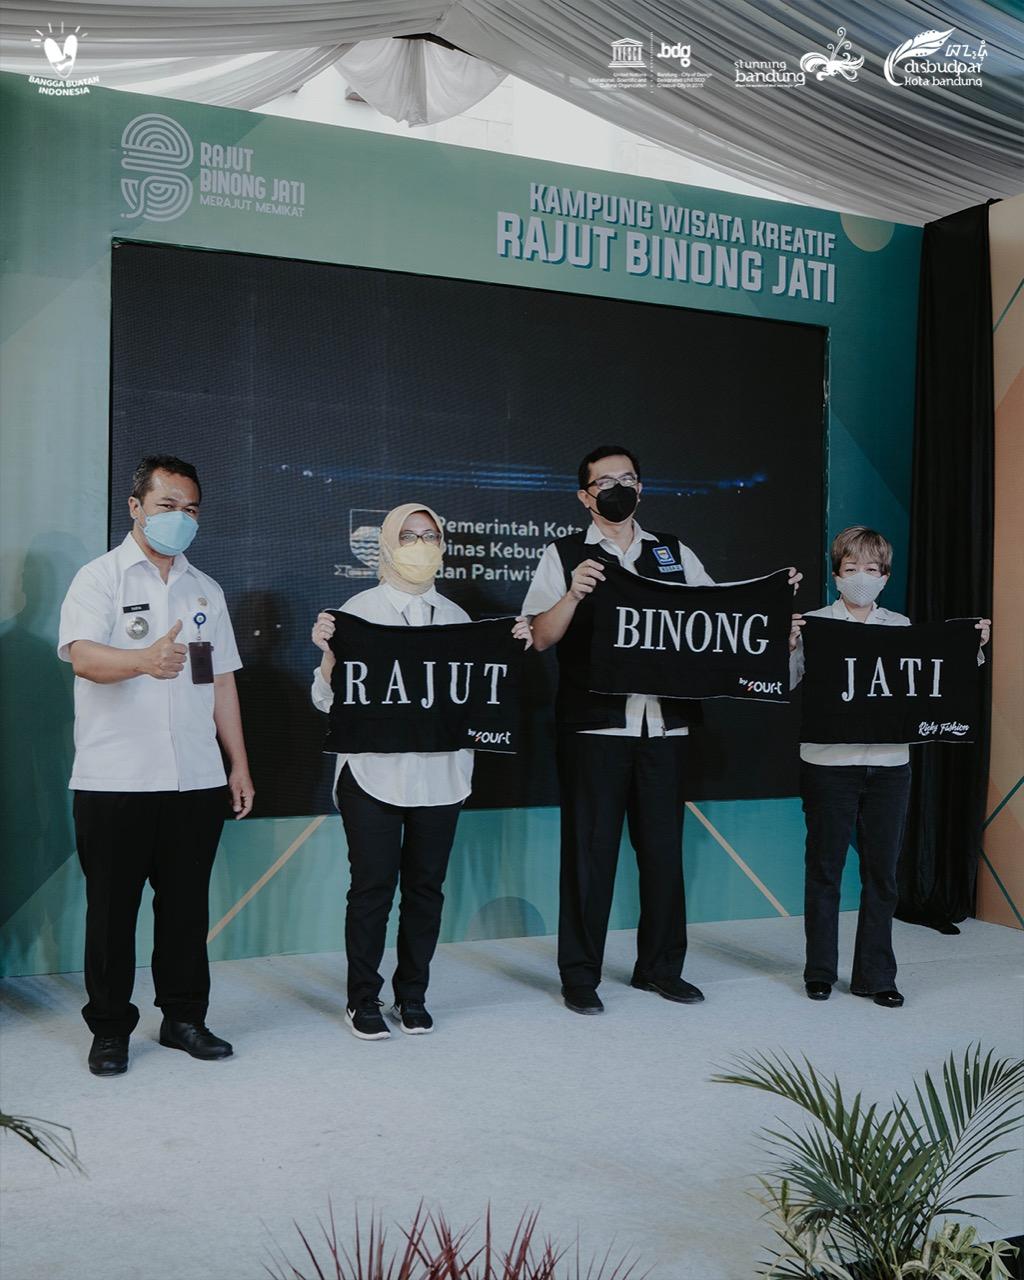 Peresmian Launching Aktivasi Kampung Wisata Kreatif Rajut Binong Jati